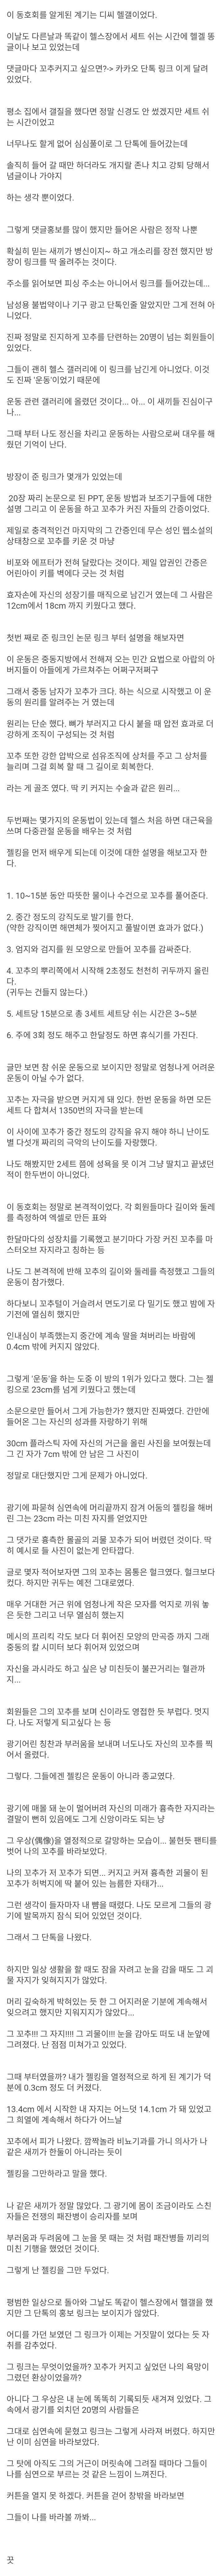 꼬추 커지는 운동젤킹동호회 가입 한 썰.jpg | 인스티즈